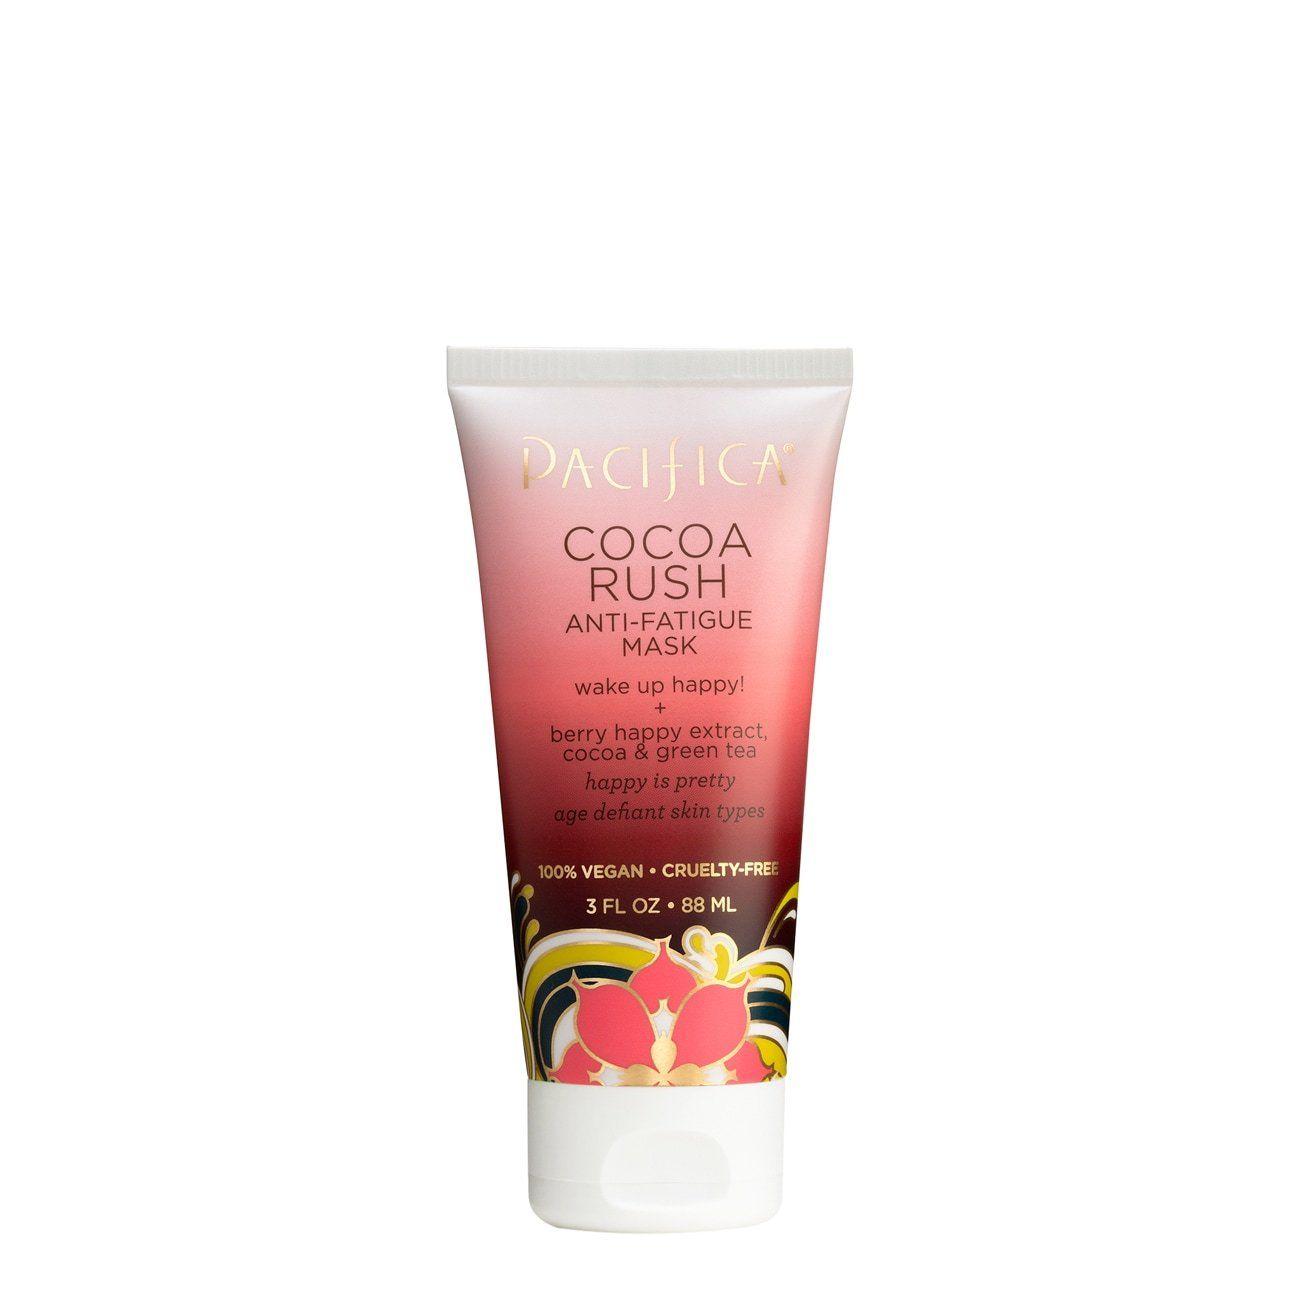 Cocoa Rush Anti Fatigue Mask Pacifica Skin Care Cocoa Clean Skincare